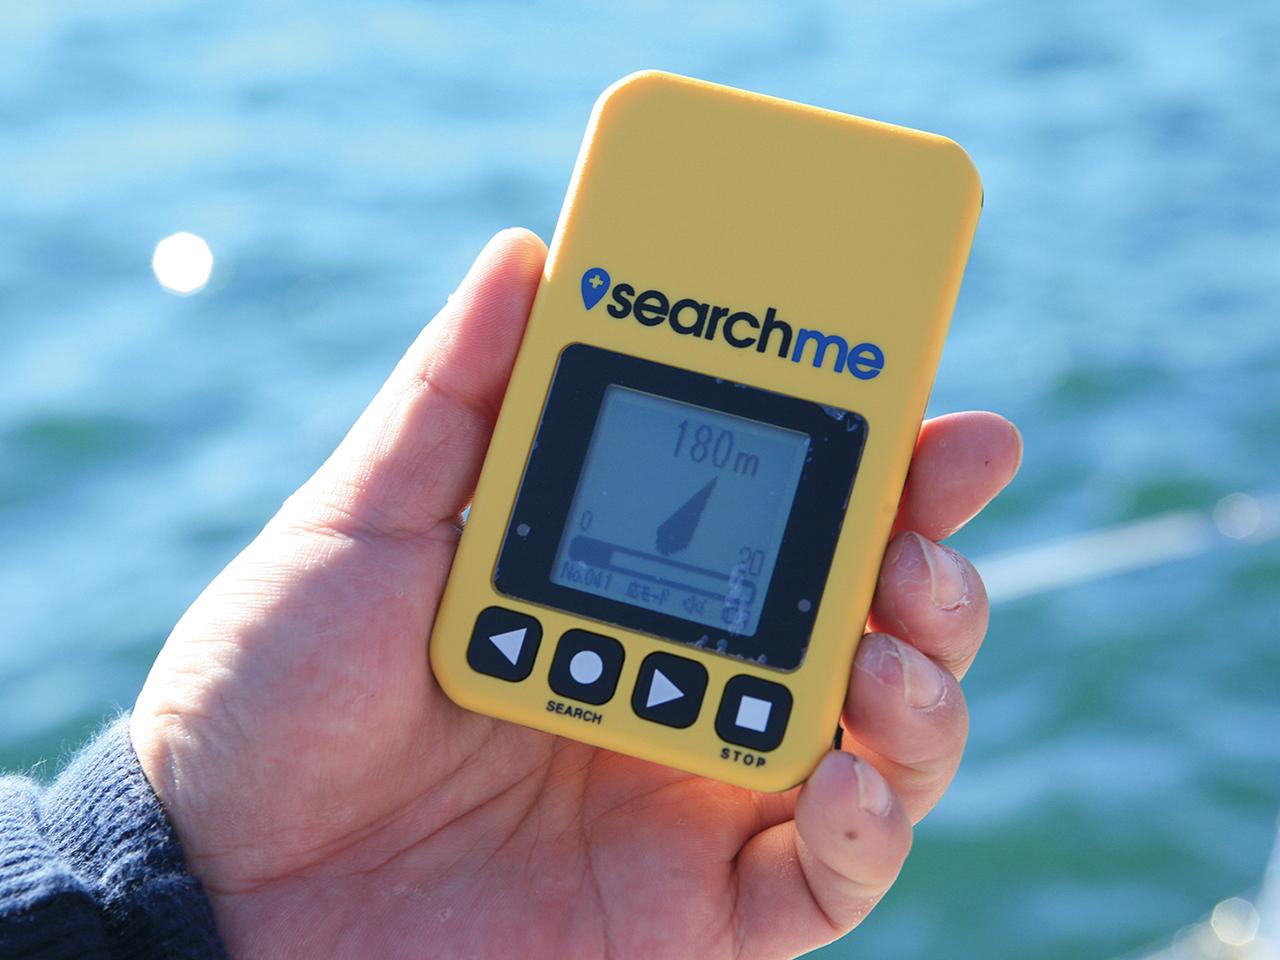 SEACHME 海上捜索ツール  サーチミー親機・落水アラーム付モデル ☆ 72131